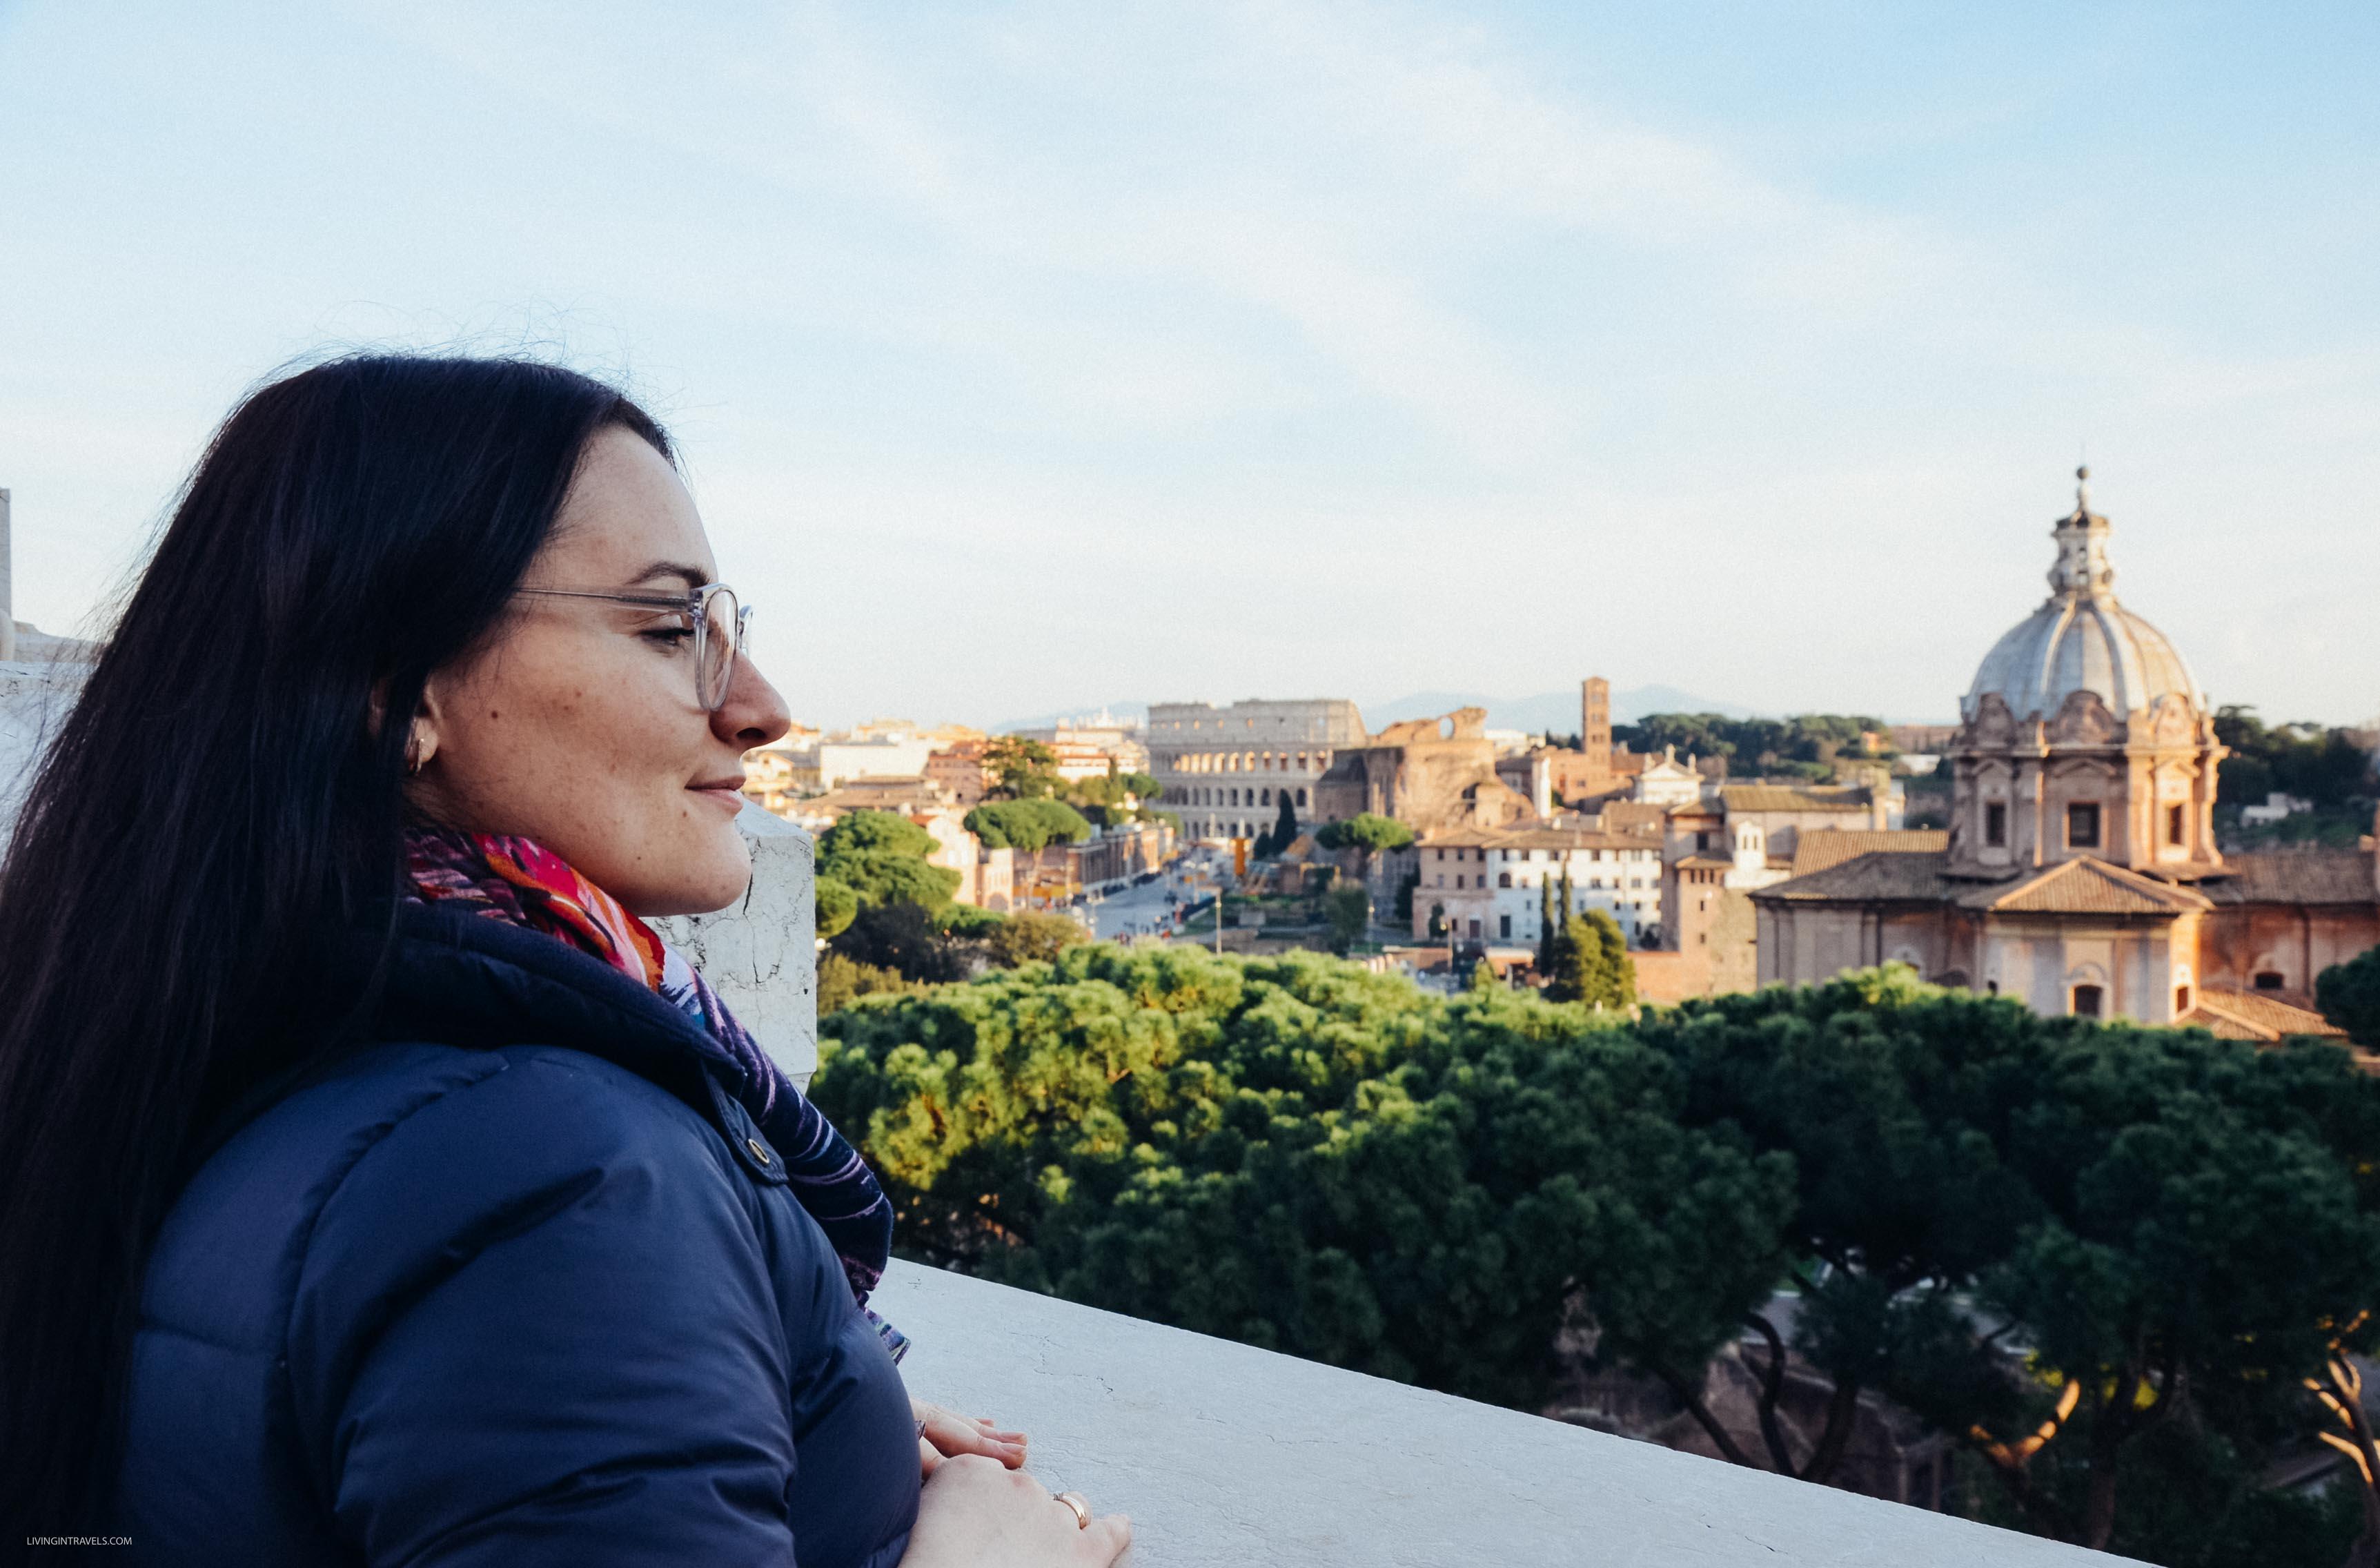 Вид с террасы монумента Витторио. Рим для новичков или как увидеть город бесплатно (почти)